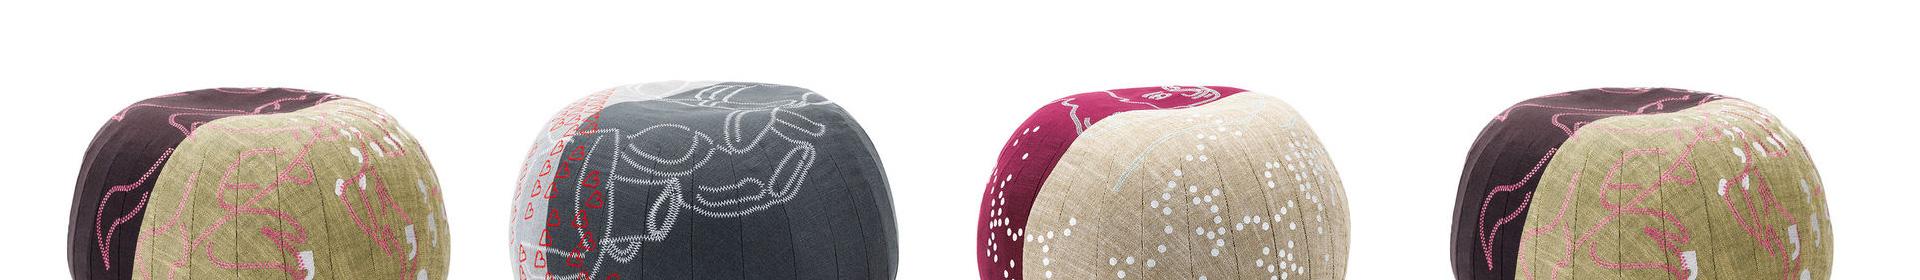 Pouf e sgabelli colorati e originali design unico e for Sgabelli colorati